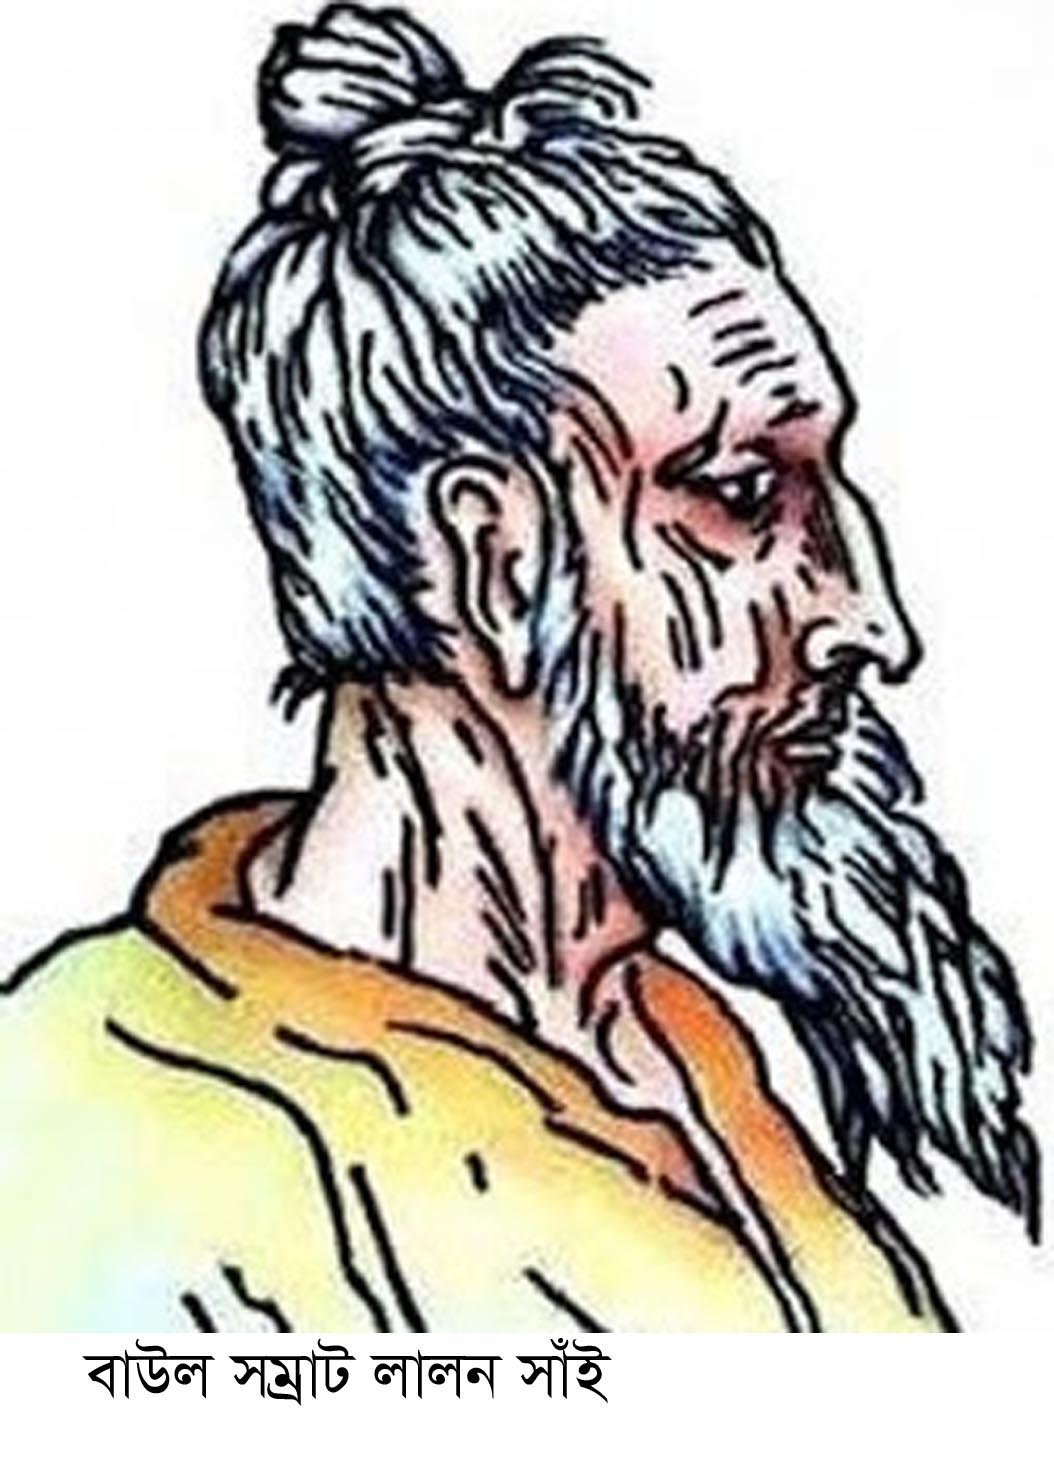 বাউল সম্রাট ফকির লালন শাহের অনুষ্ঠান স্থগিত